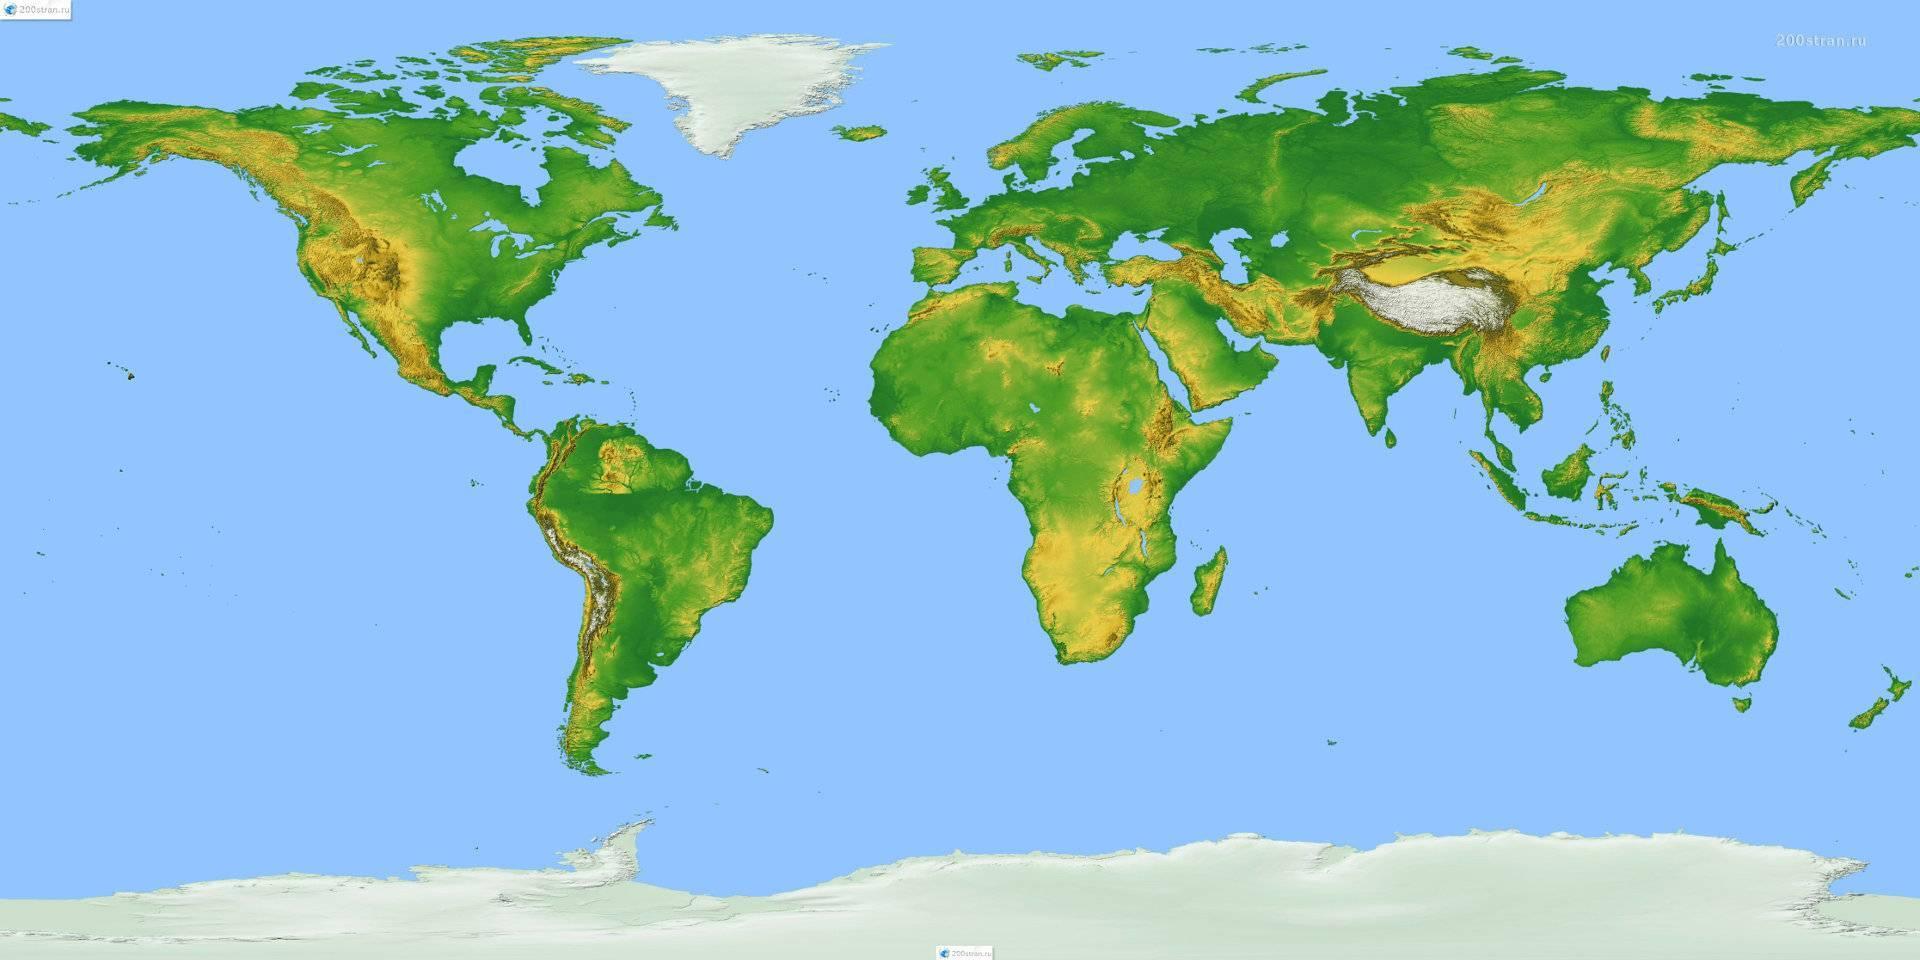 Возвышенности на карте мира